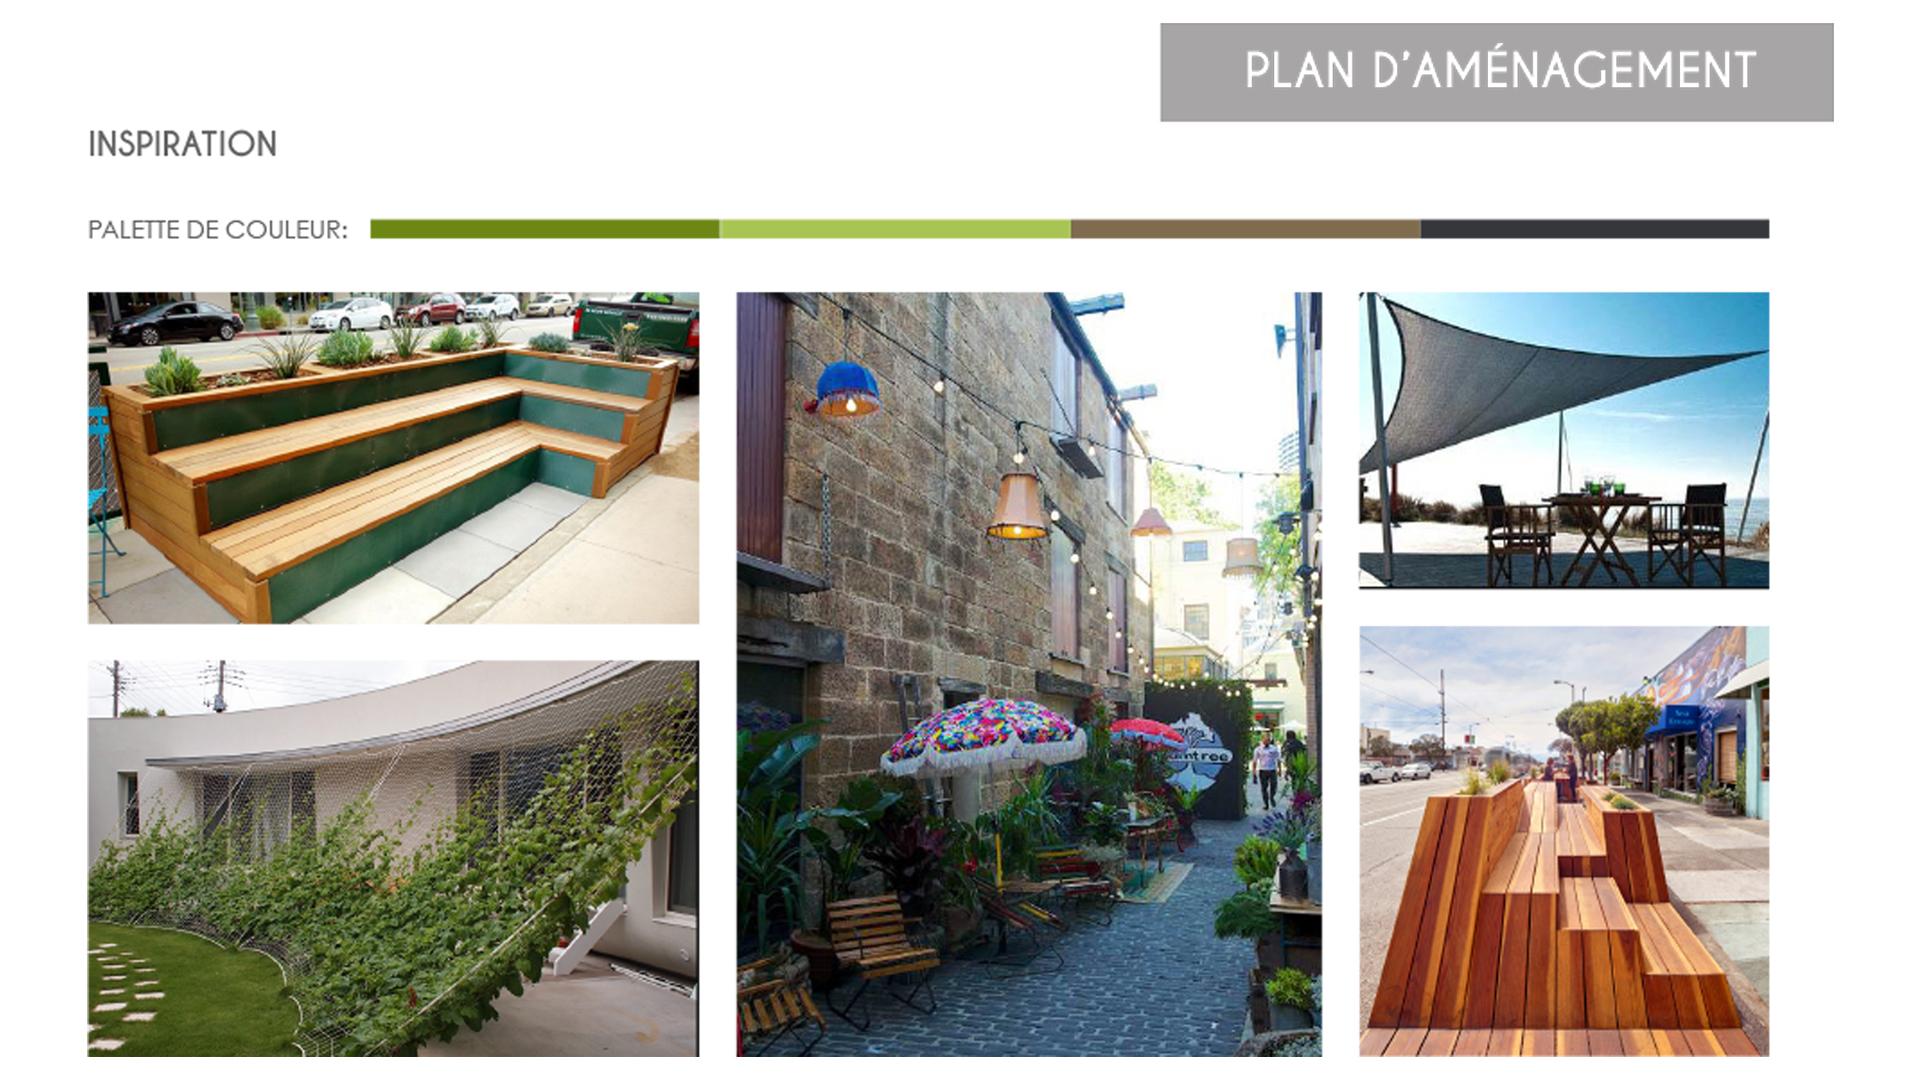 jour_de_la_terre_quebec_qc_blogue_article_trucs_astuces_emilie_chiasson_terrasse_mile_end_ideation_amenagement_langlois_inspiration